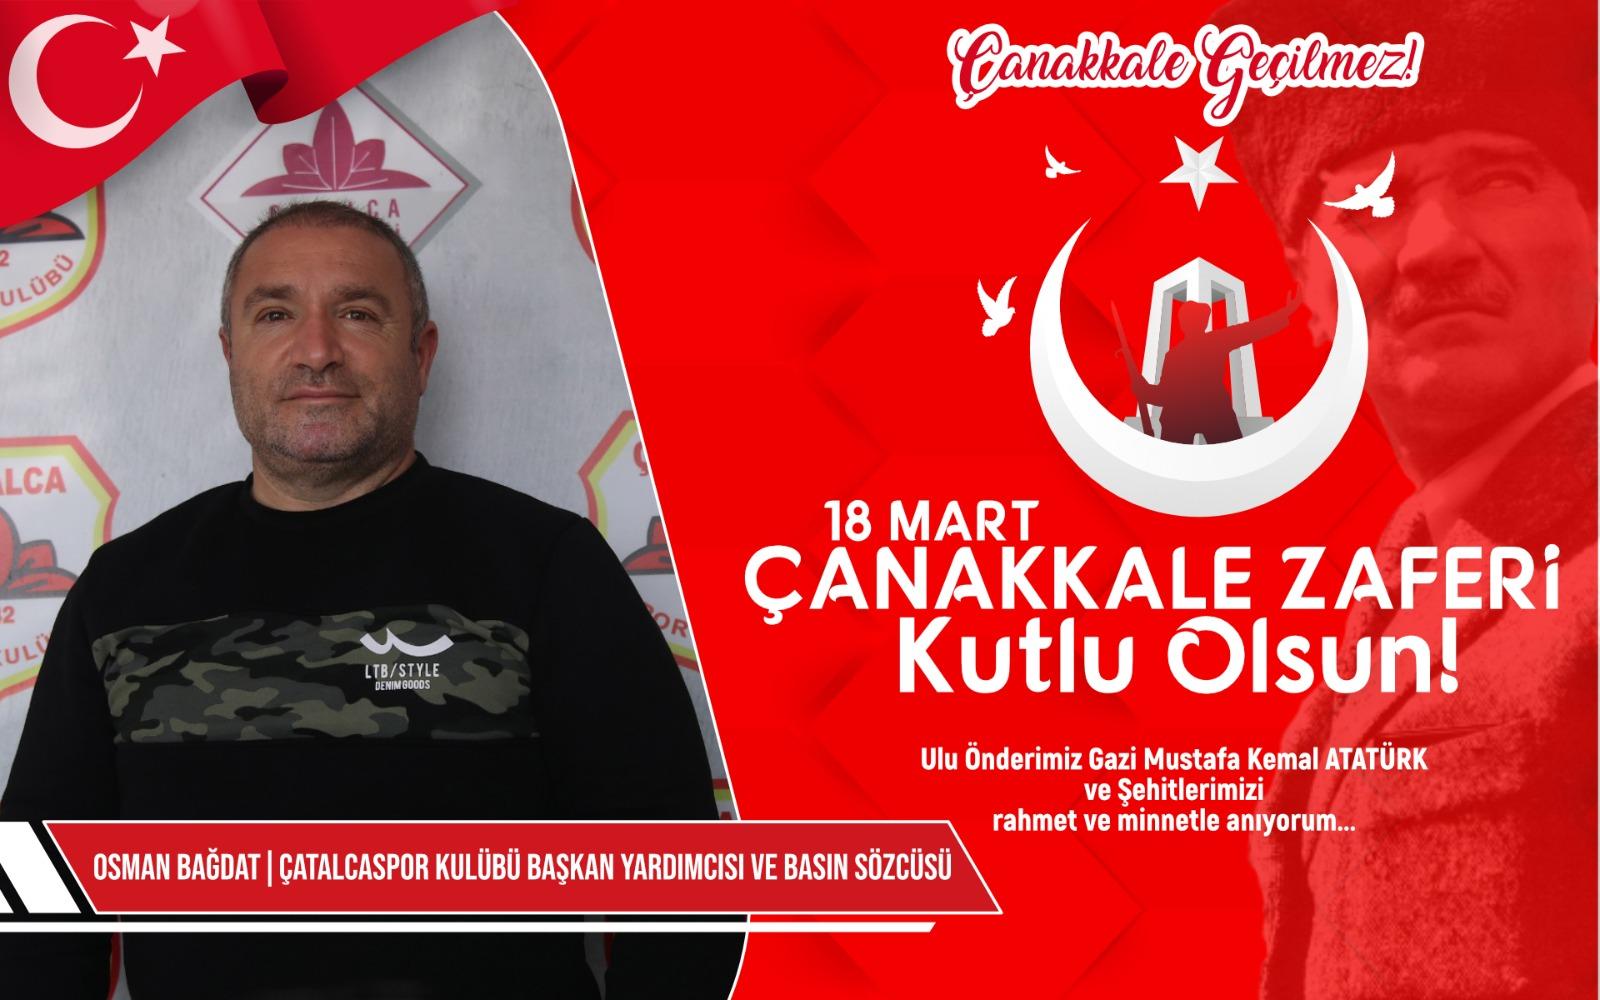 Çatalcaspor Başkan Yardımcısı ve Basın sözcüsü Osman Bağdat'tan Kutlama ve Anma mesajı